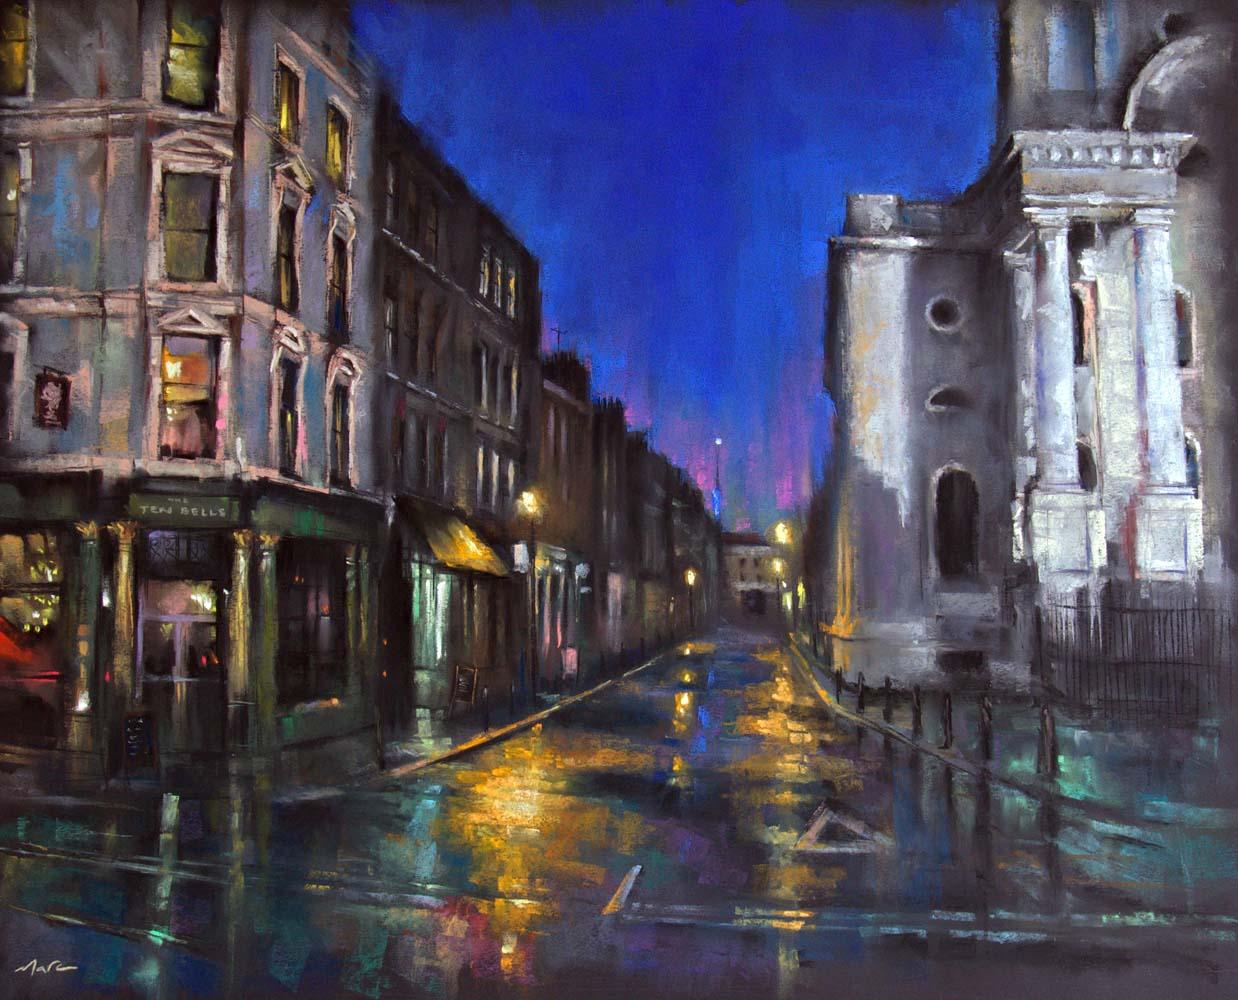 Fournier Street, Spitlfields